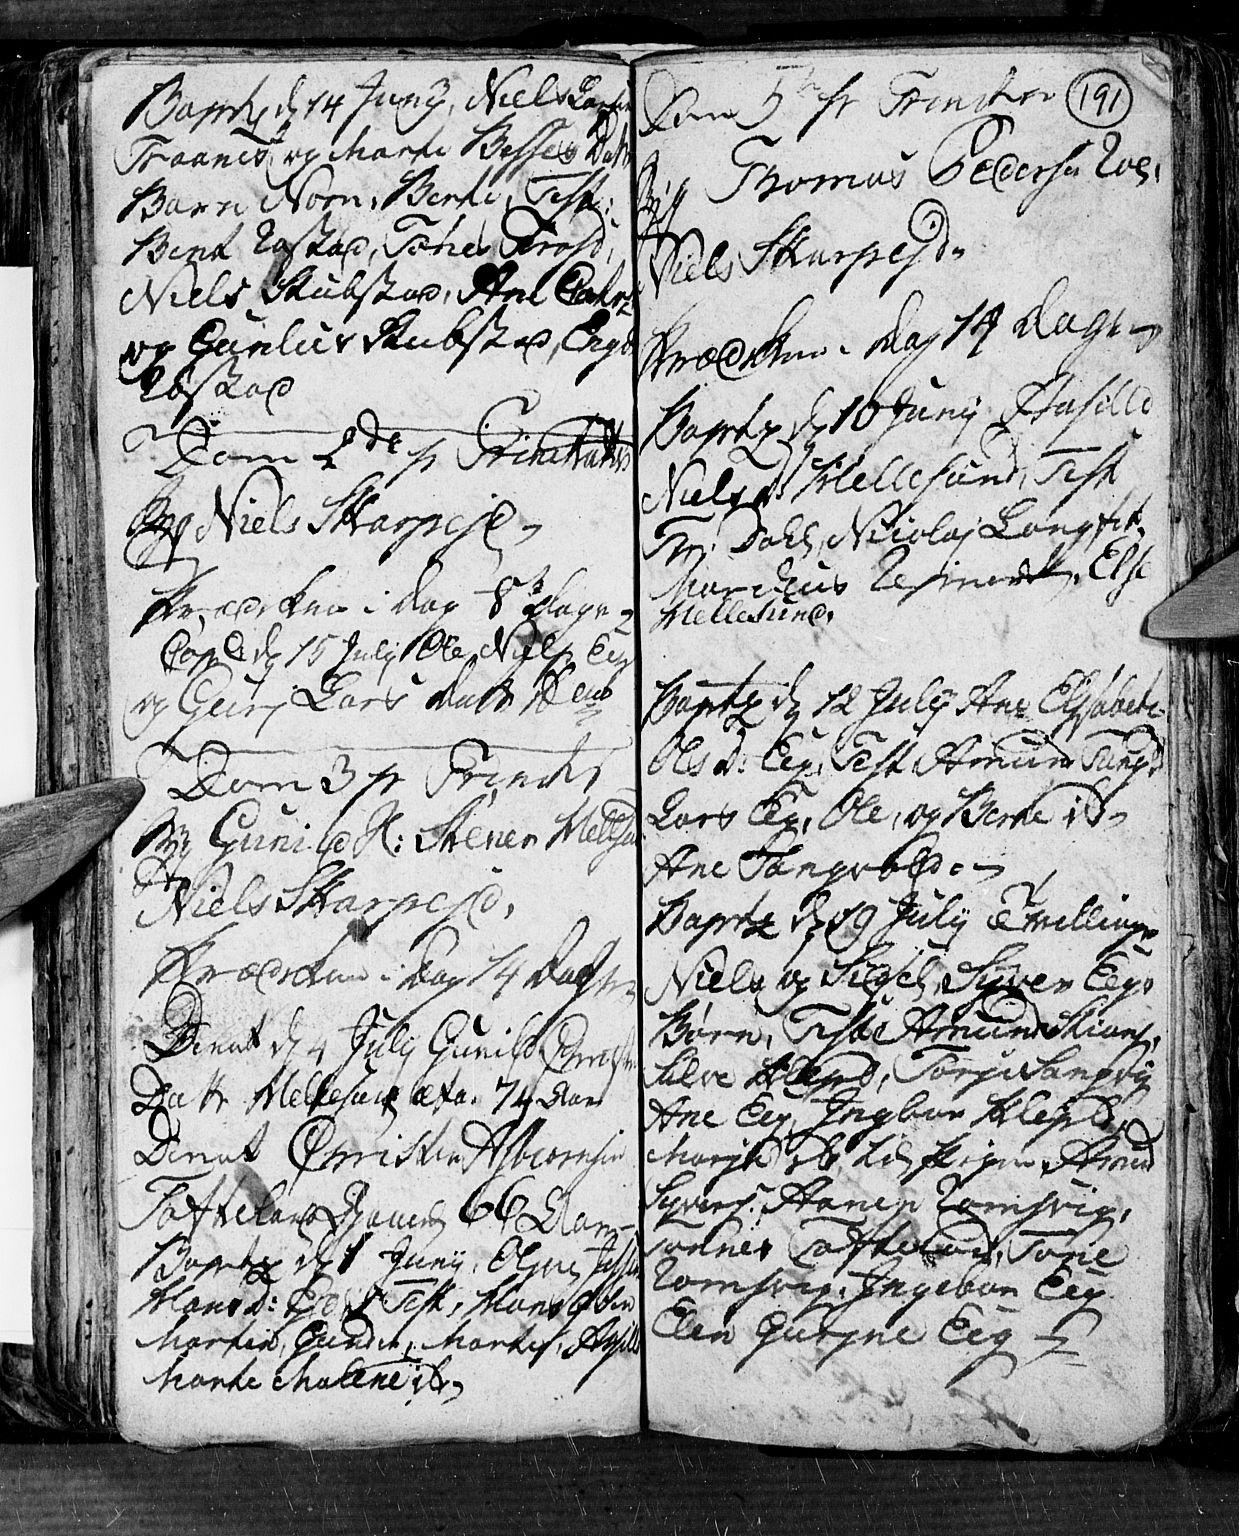 SAK, Søgne sokneprestkontor, F/Fb/Fbb/L0001: Parish register (copy) no. B 1, 1779-1802, p. 191